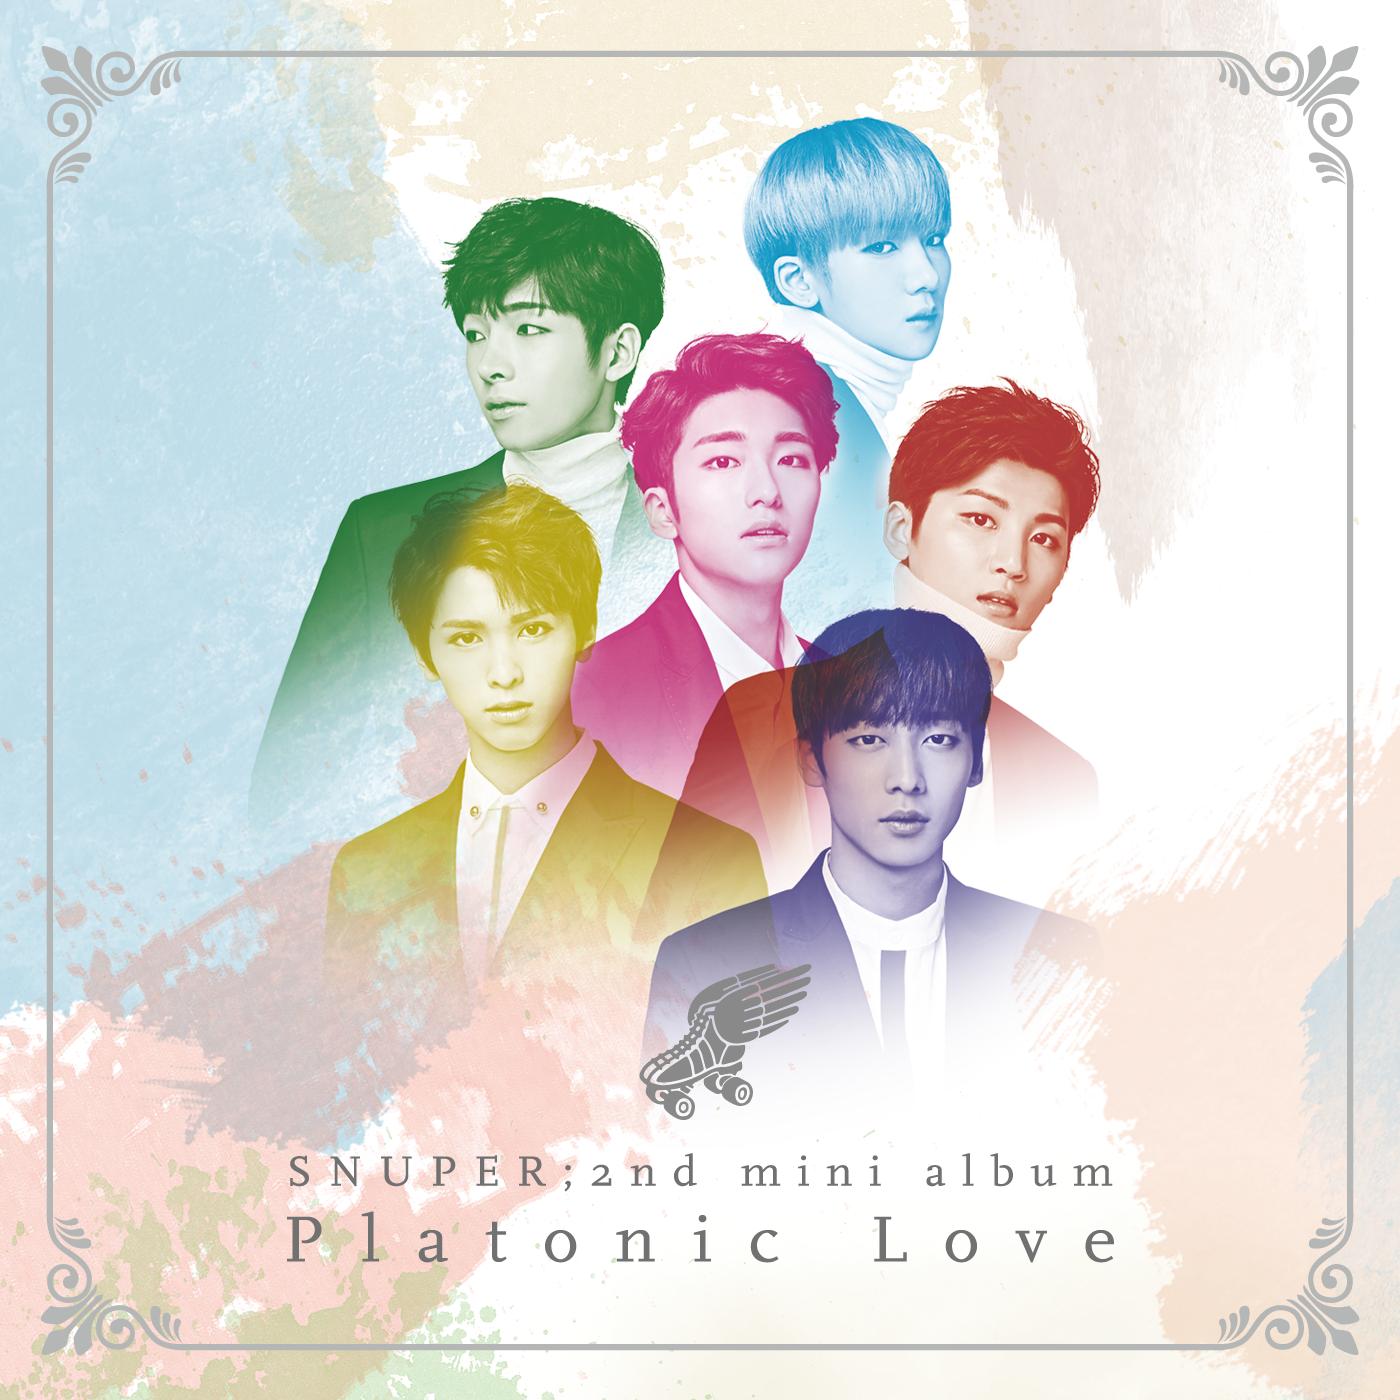 Resultado de imagem para snuper platonic love cover